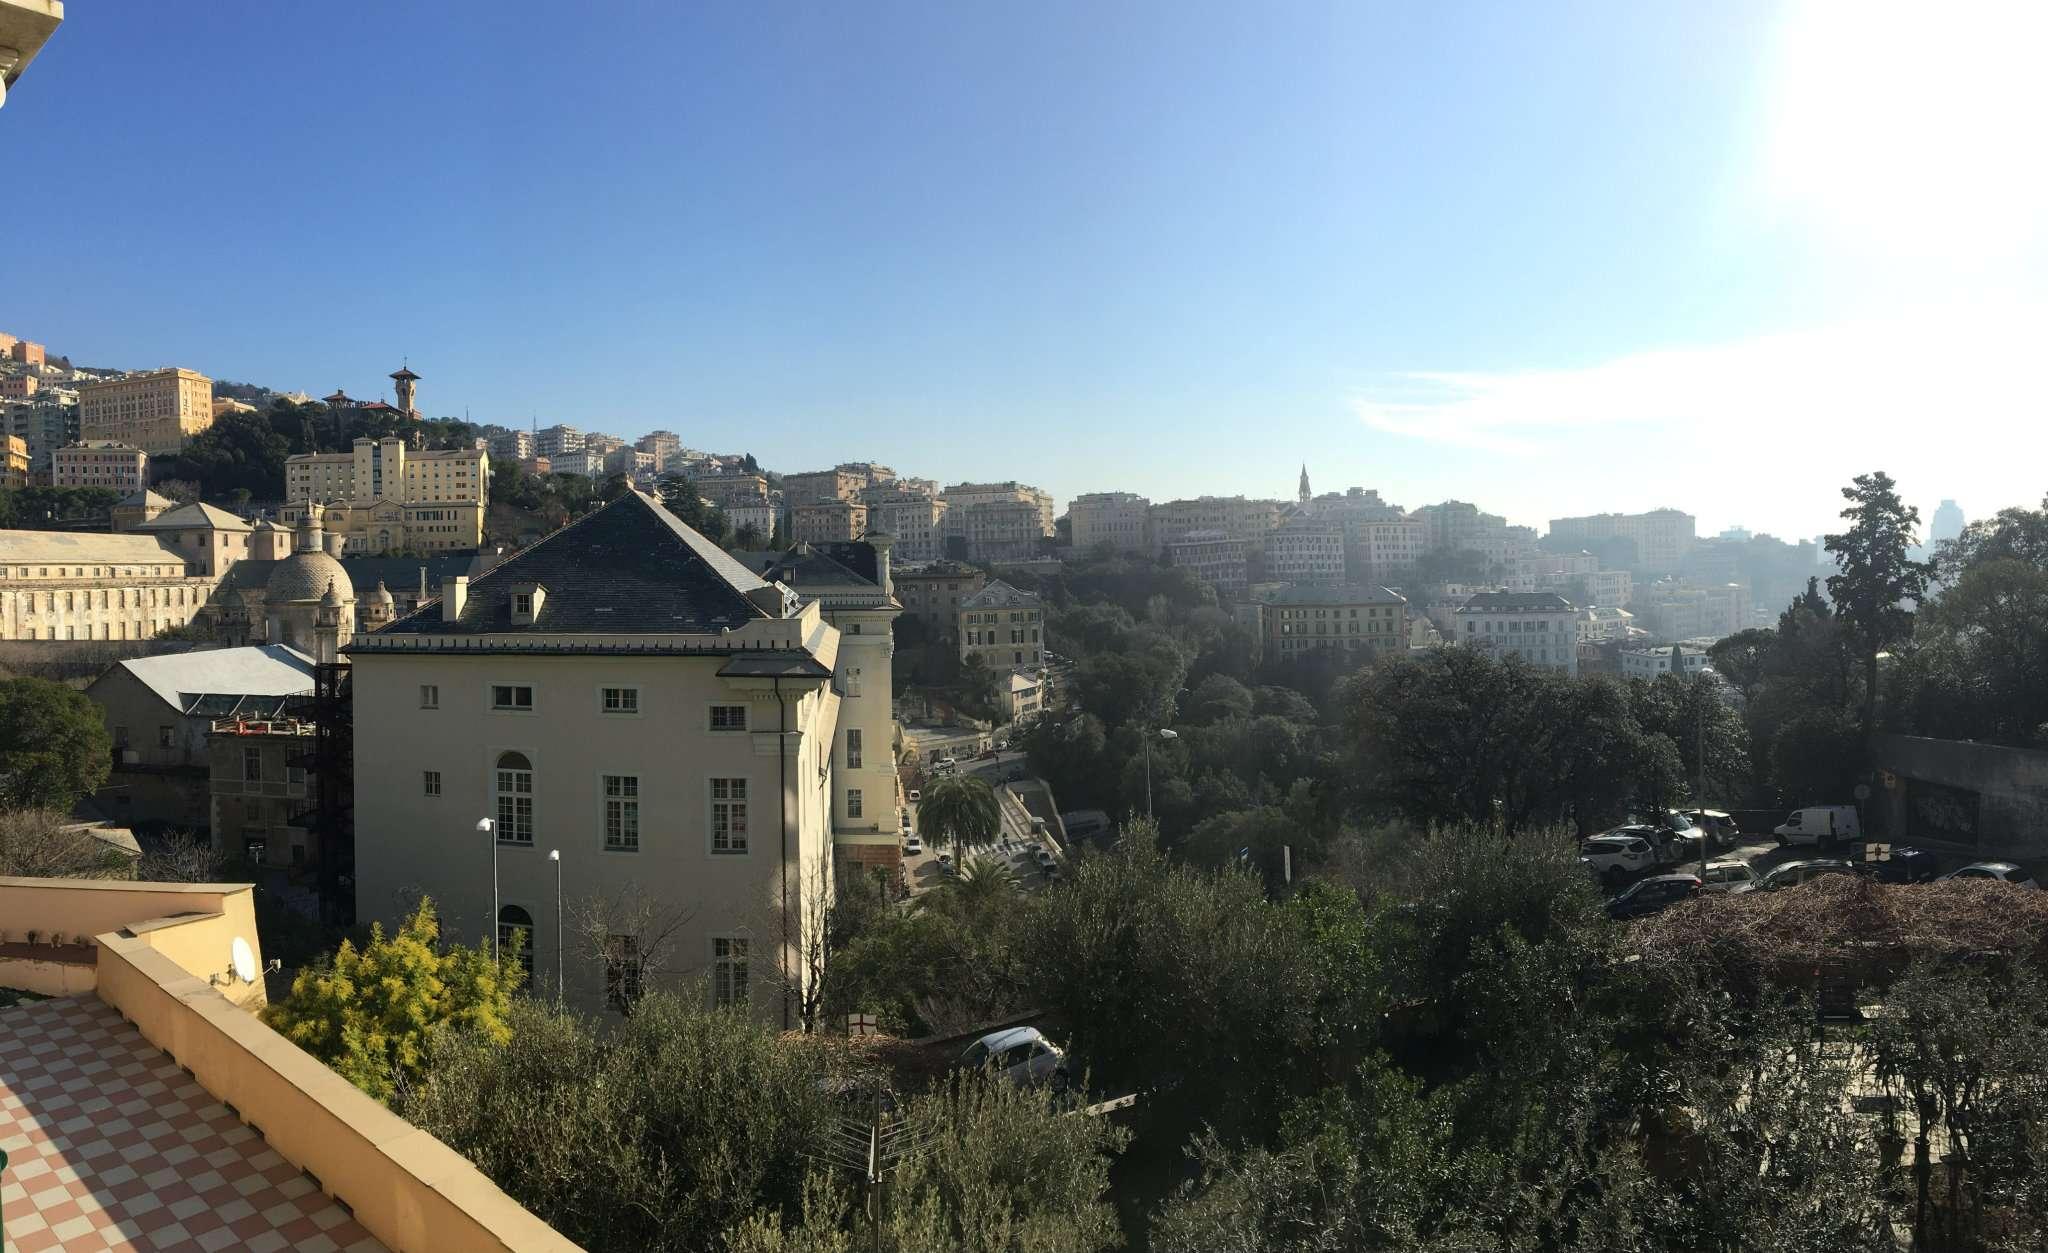 Foto 1 di Appartamento corso dogali, Genova (zona Circonvalmonte)